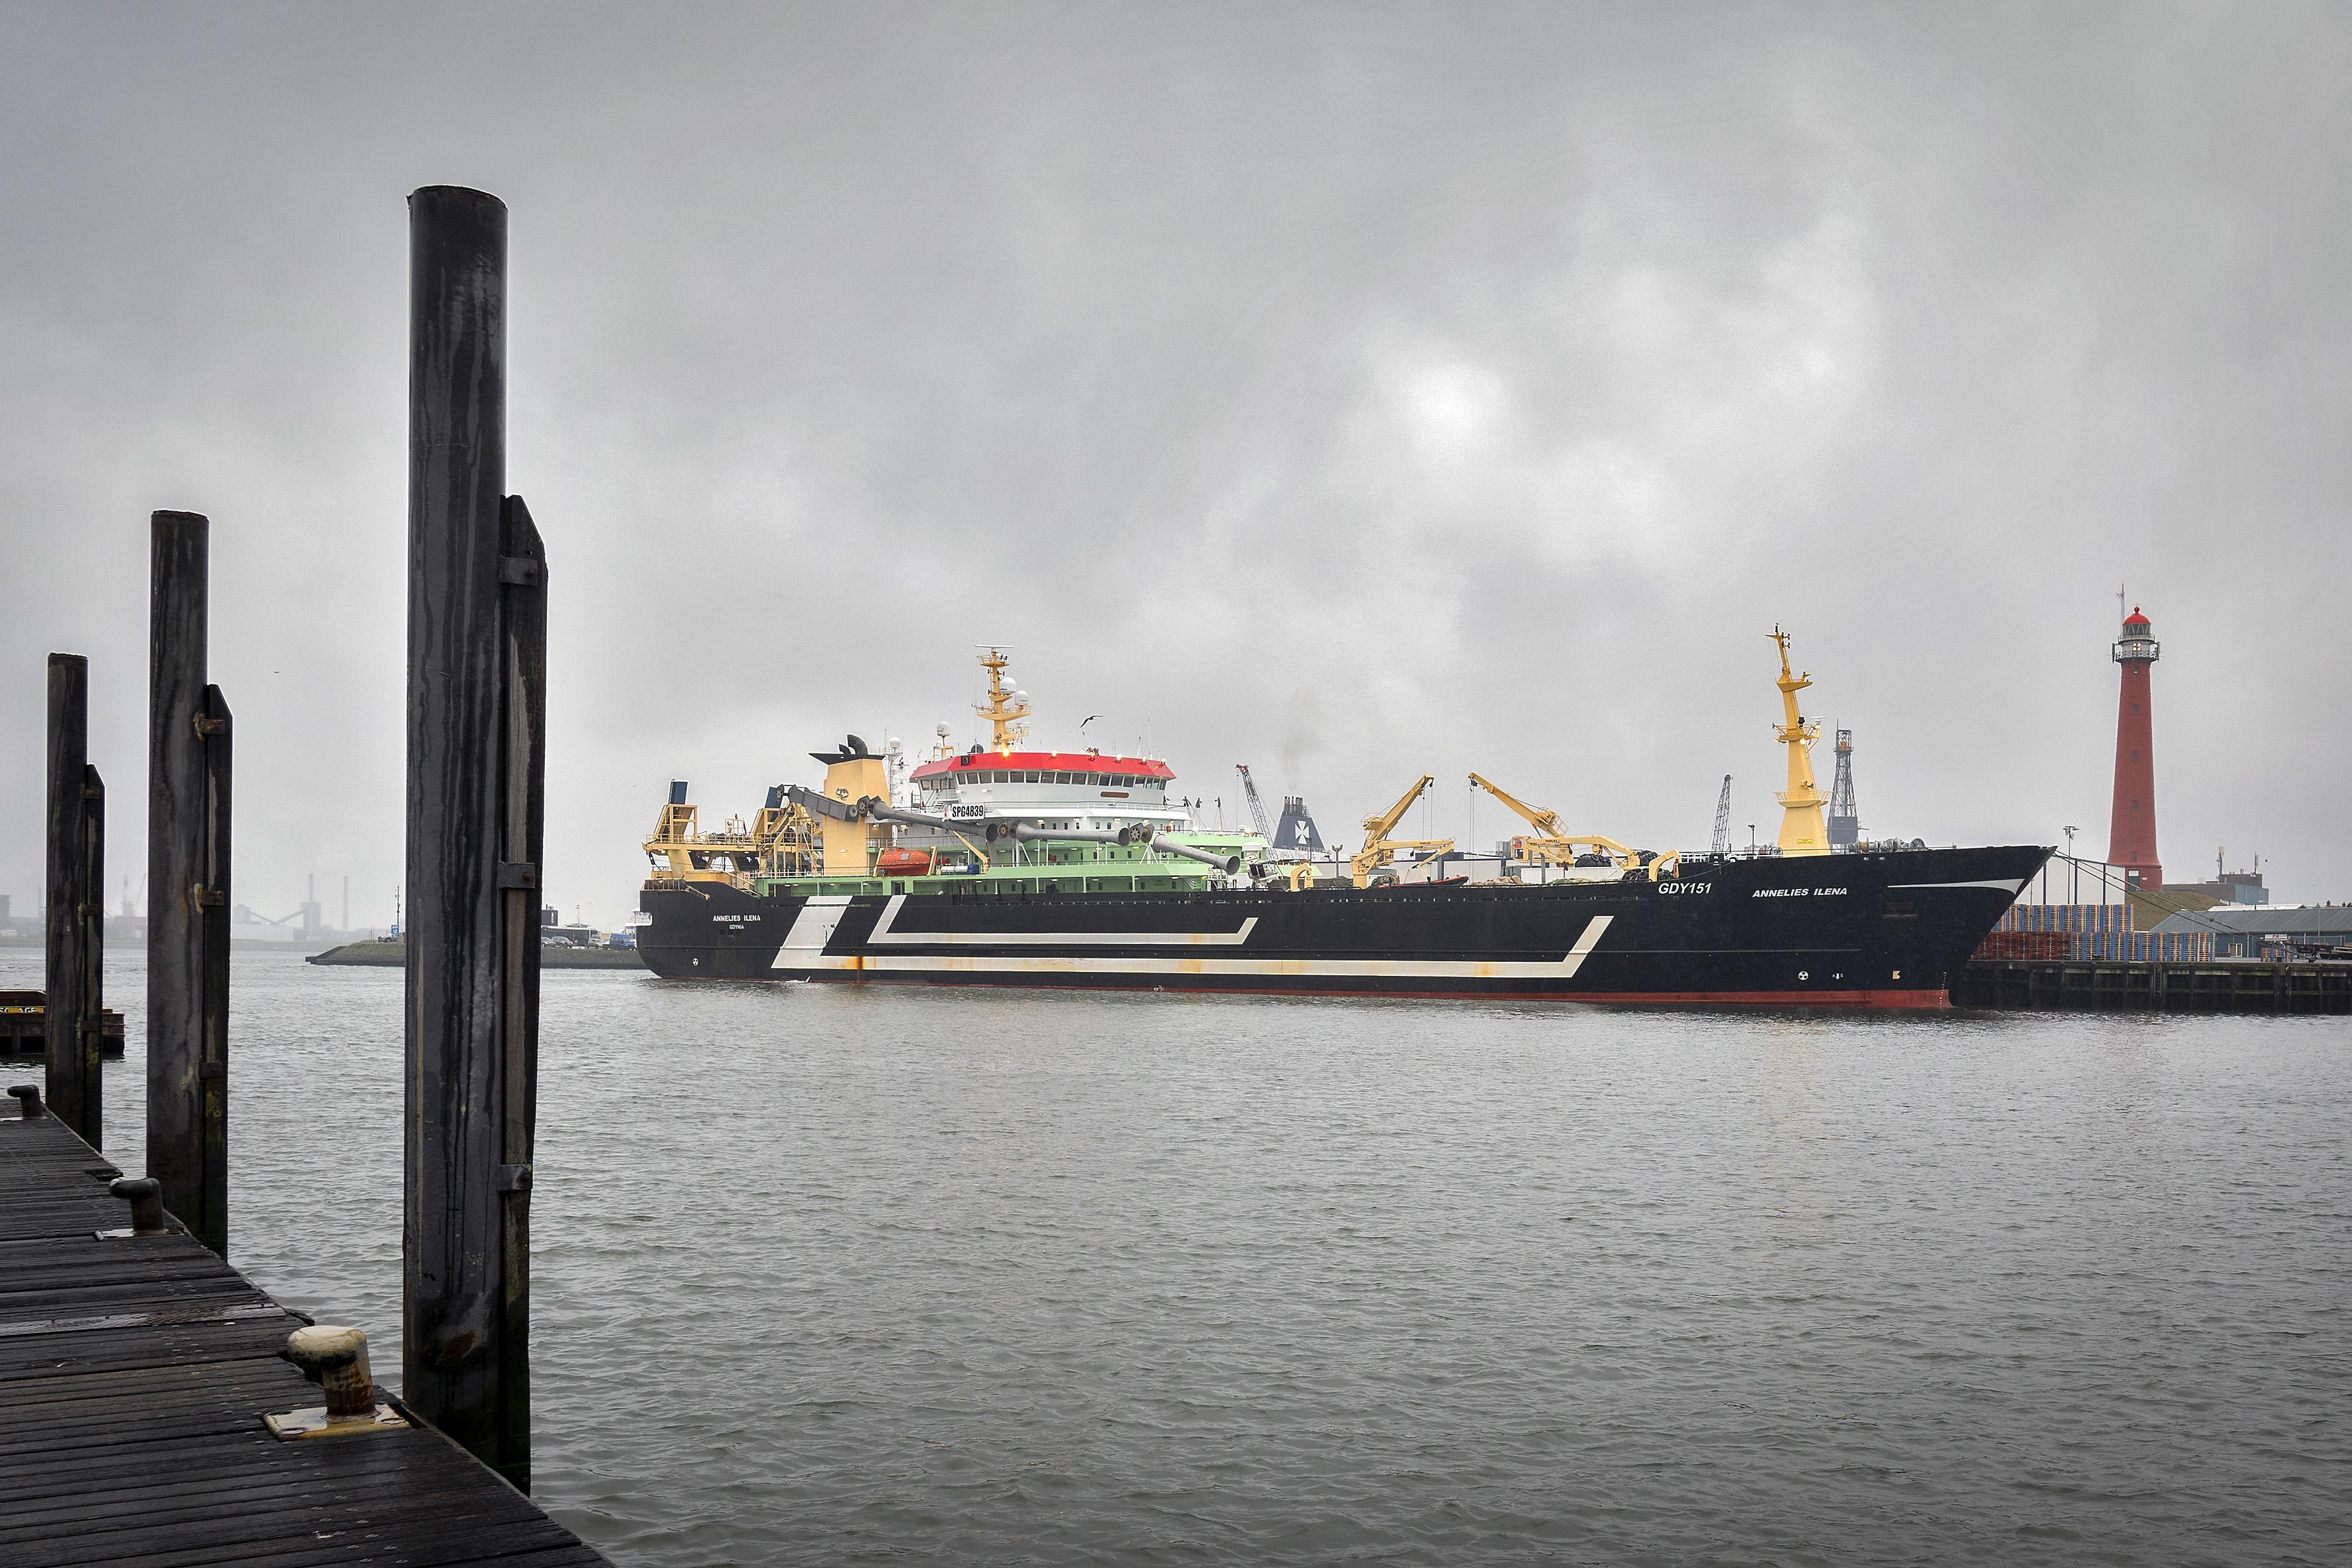 Trawler Annelies Ilena van Parlevliet & Van der Plas uit Katwijk nog tot volgende week in quarantaine in haven van IJmuiden vanwege coronagevallen aan boord. 'Maatregelen niet honderd procent waterdicht'